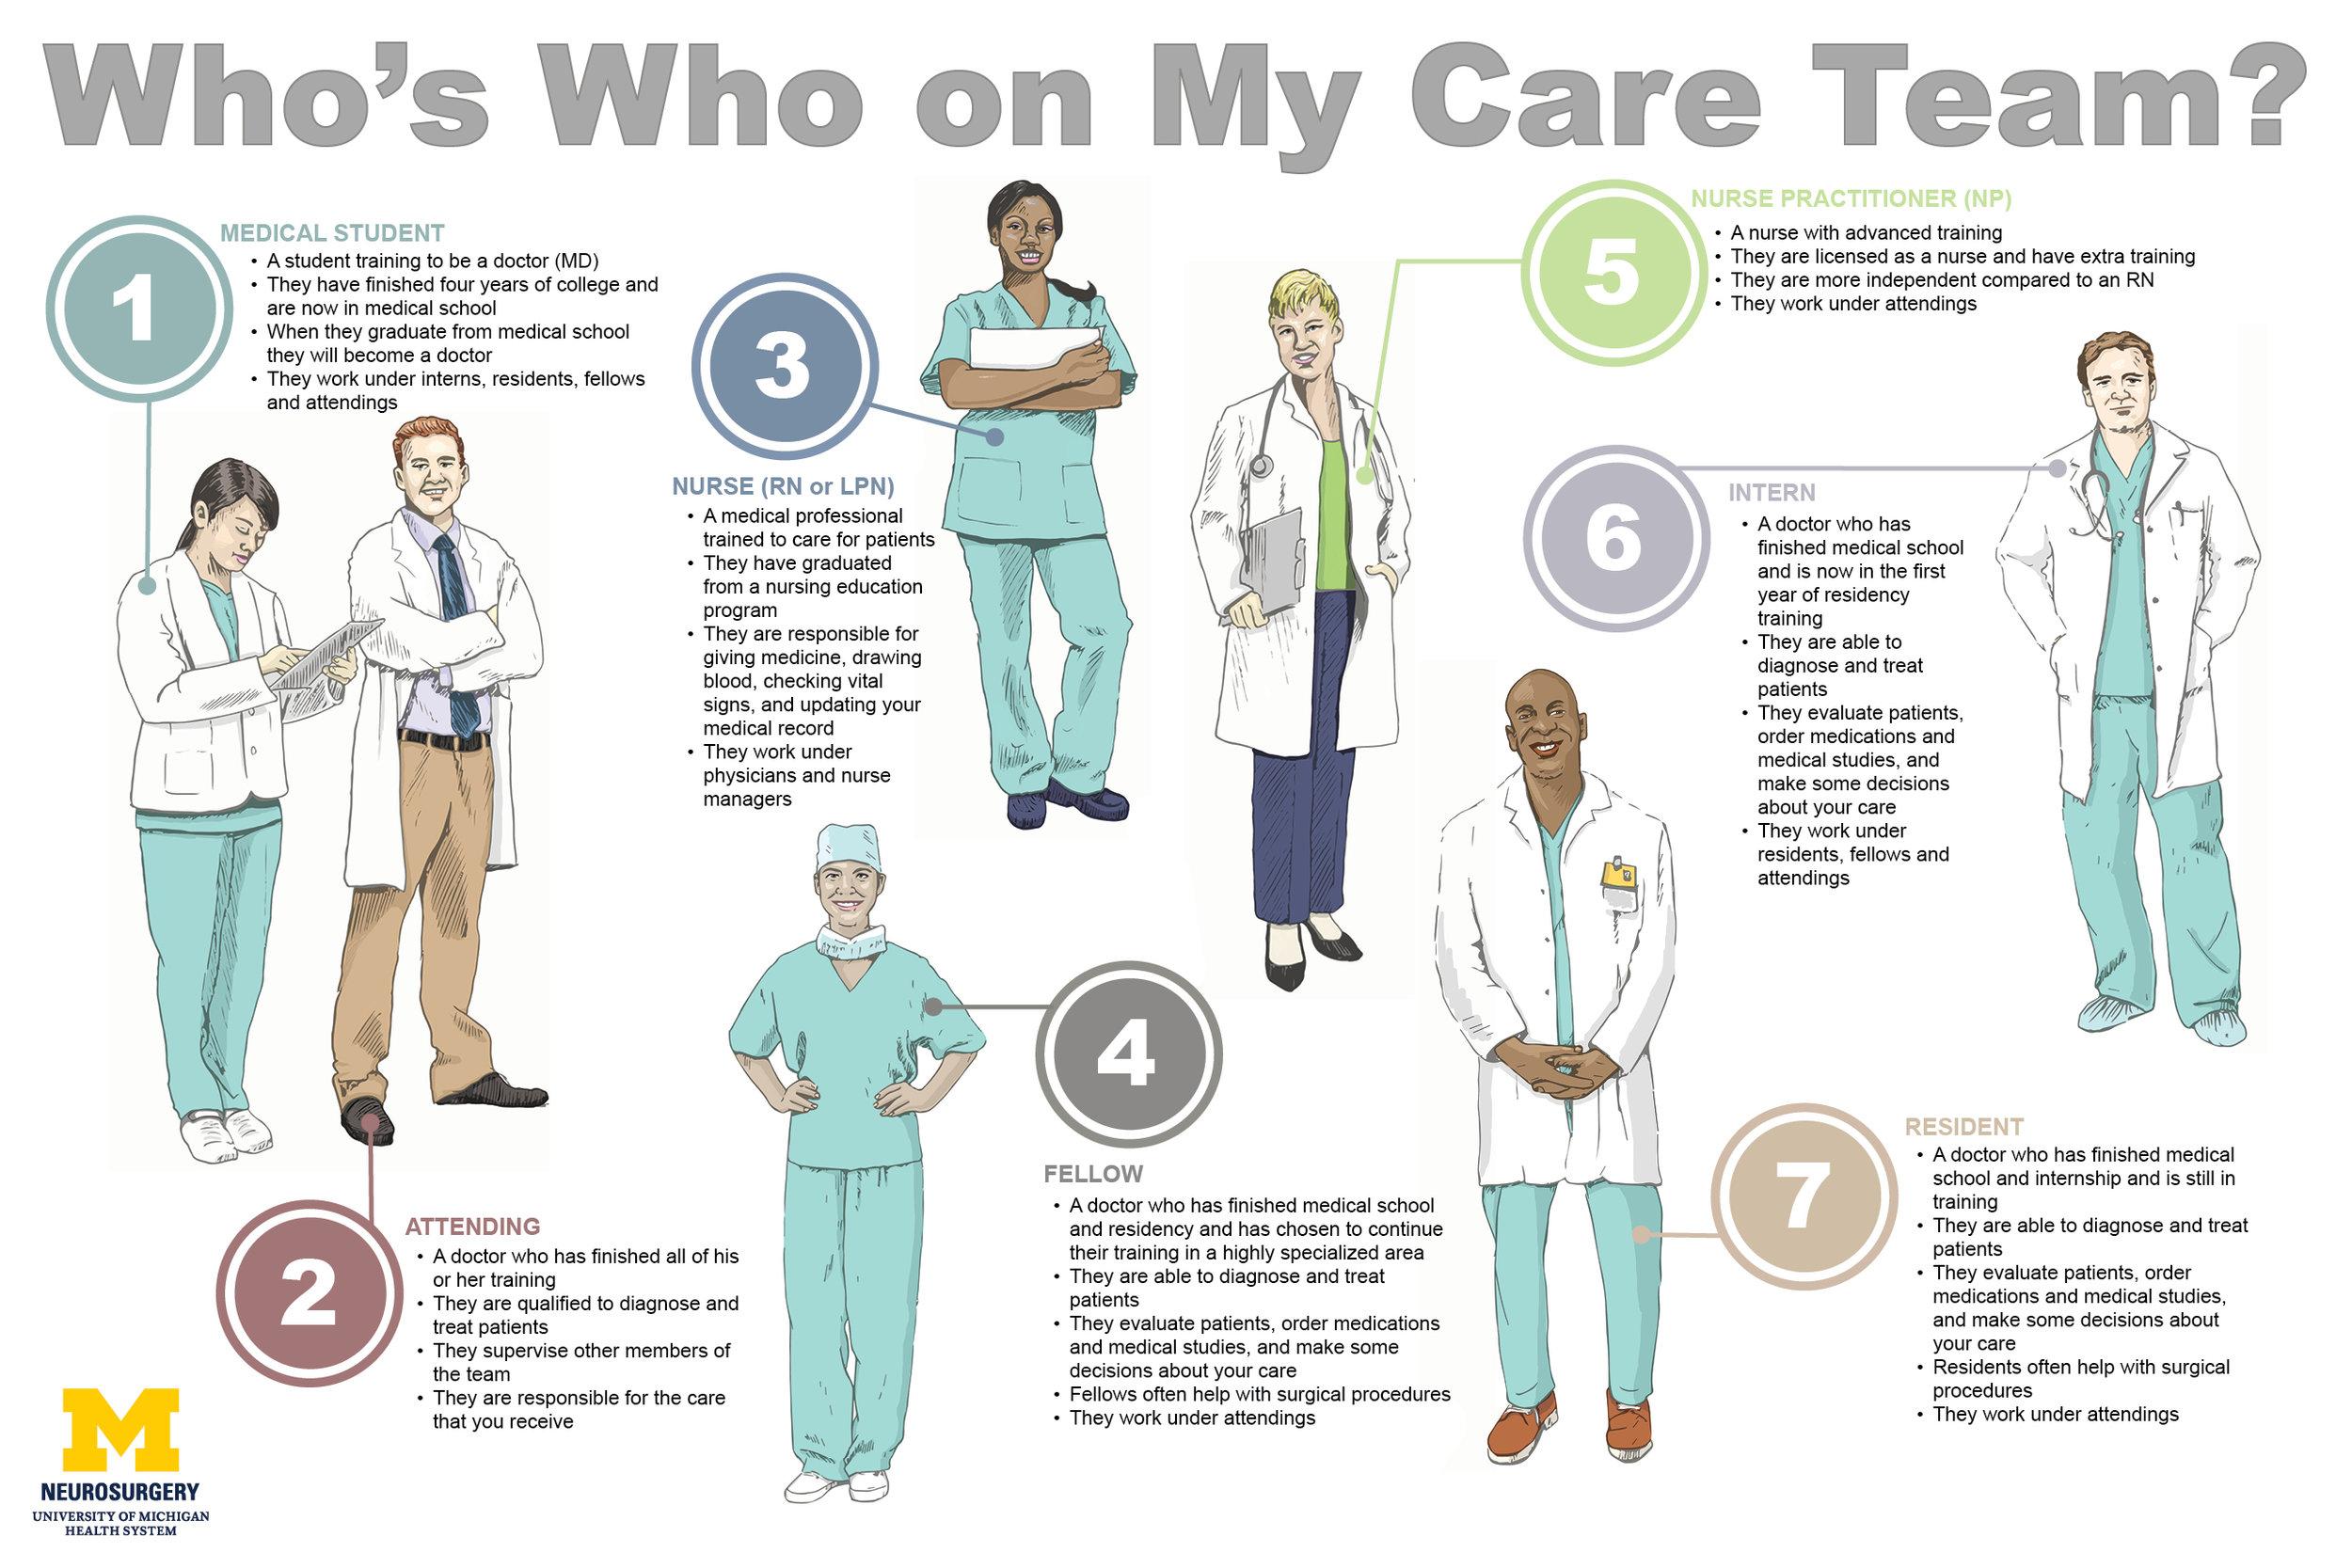 kahn_care_team2.jpg